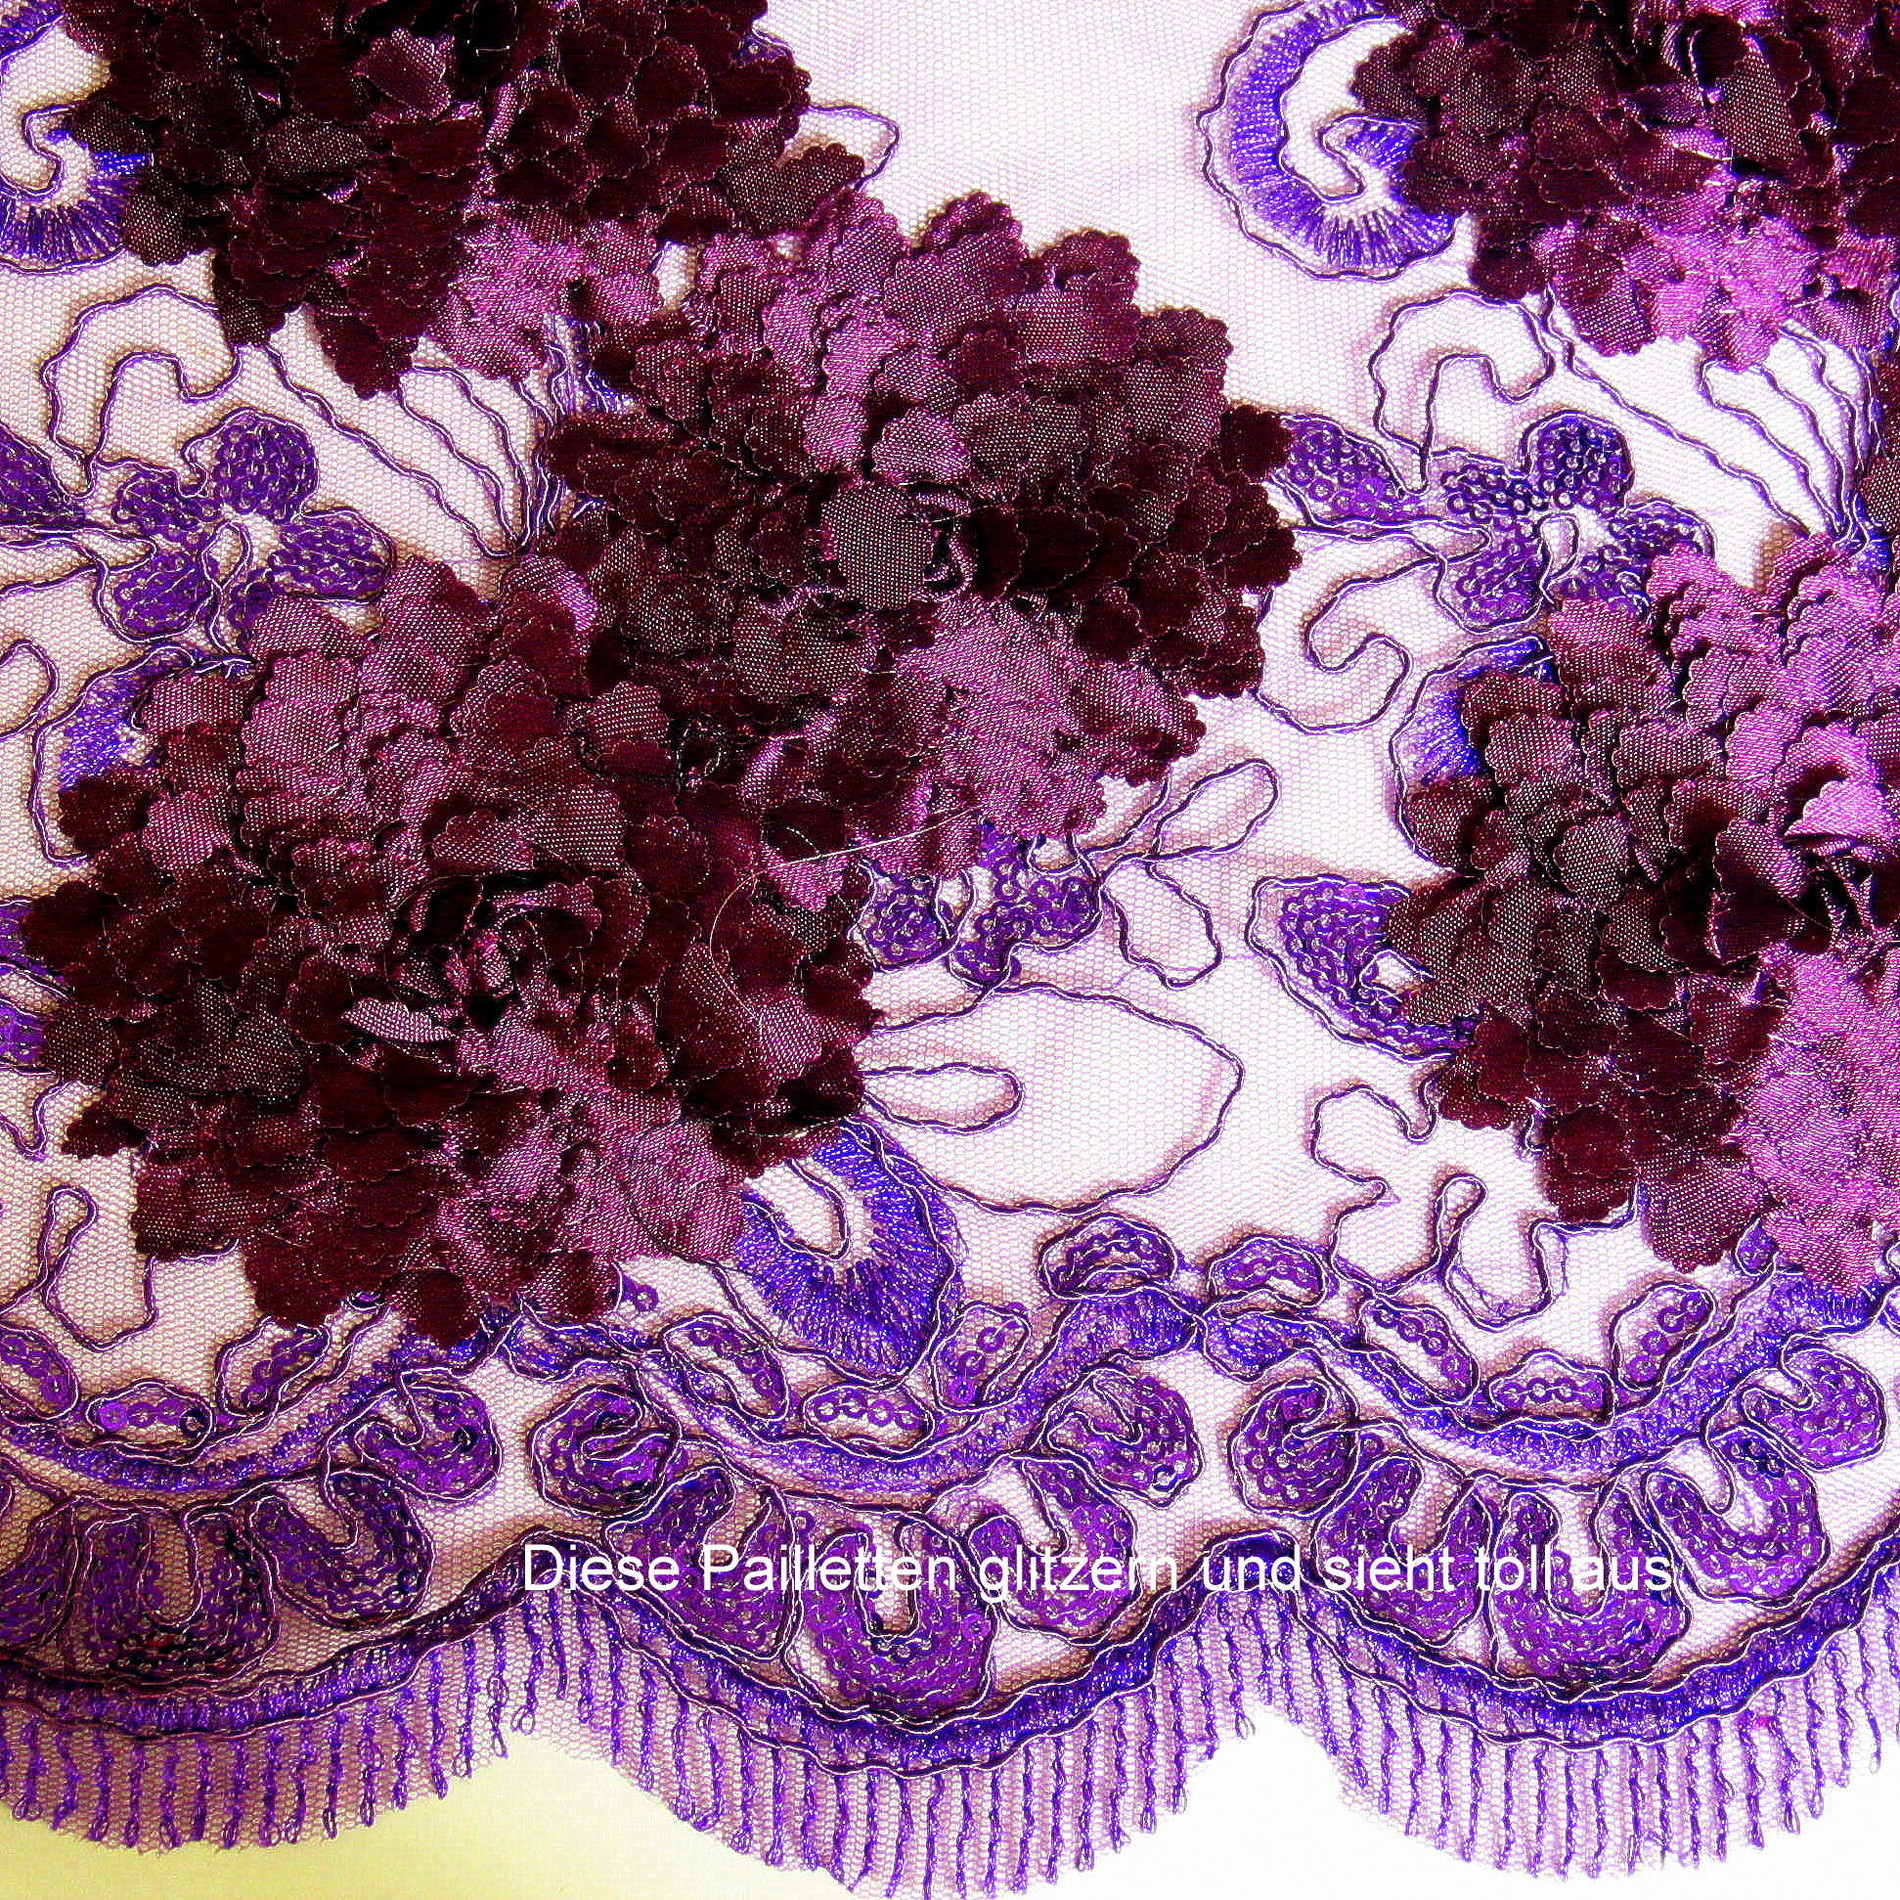 dunkel burgund lila pailletten spitze bestickte spitzen pailletten bestickte spitze. Black Bedroom Furniture Sets. Home Design Ideas